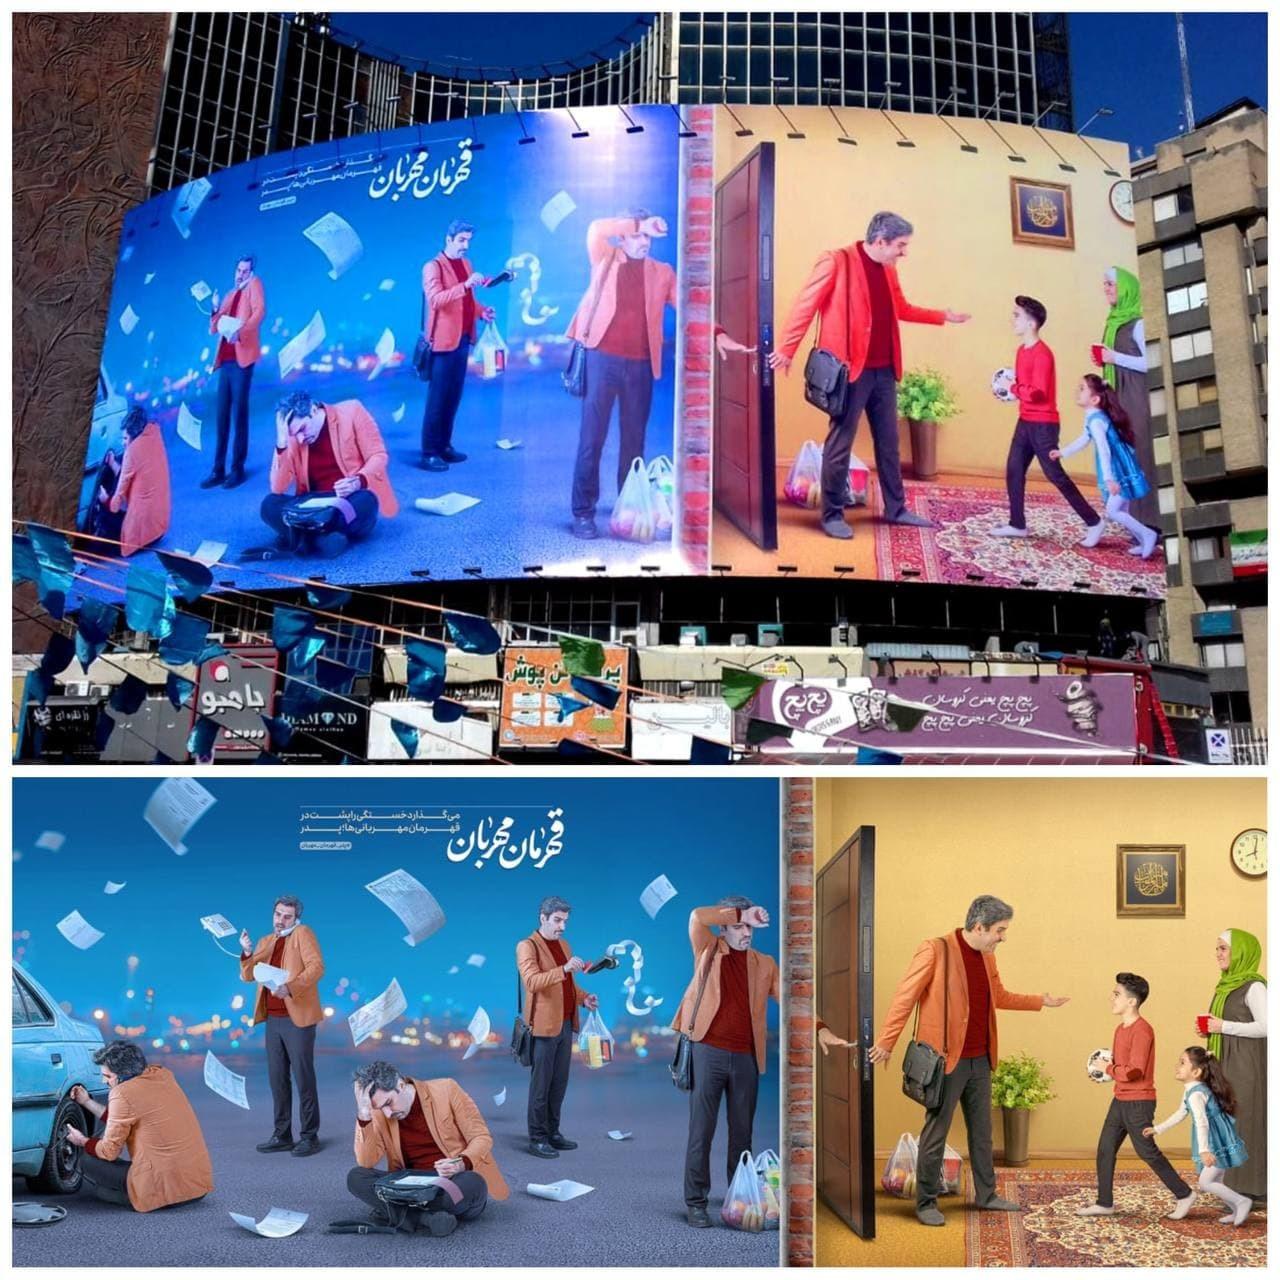 دیوارنگاره جدید میدان ولیعصر (عج) با موضوع روز پدر